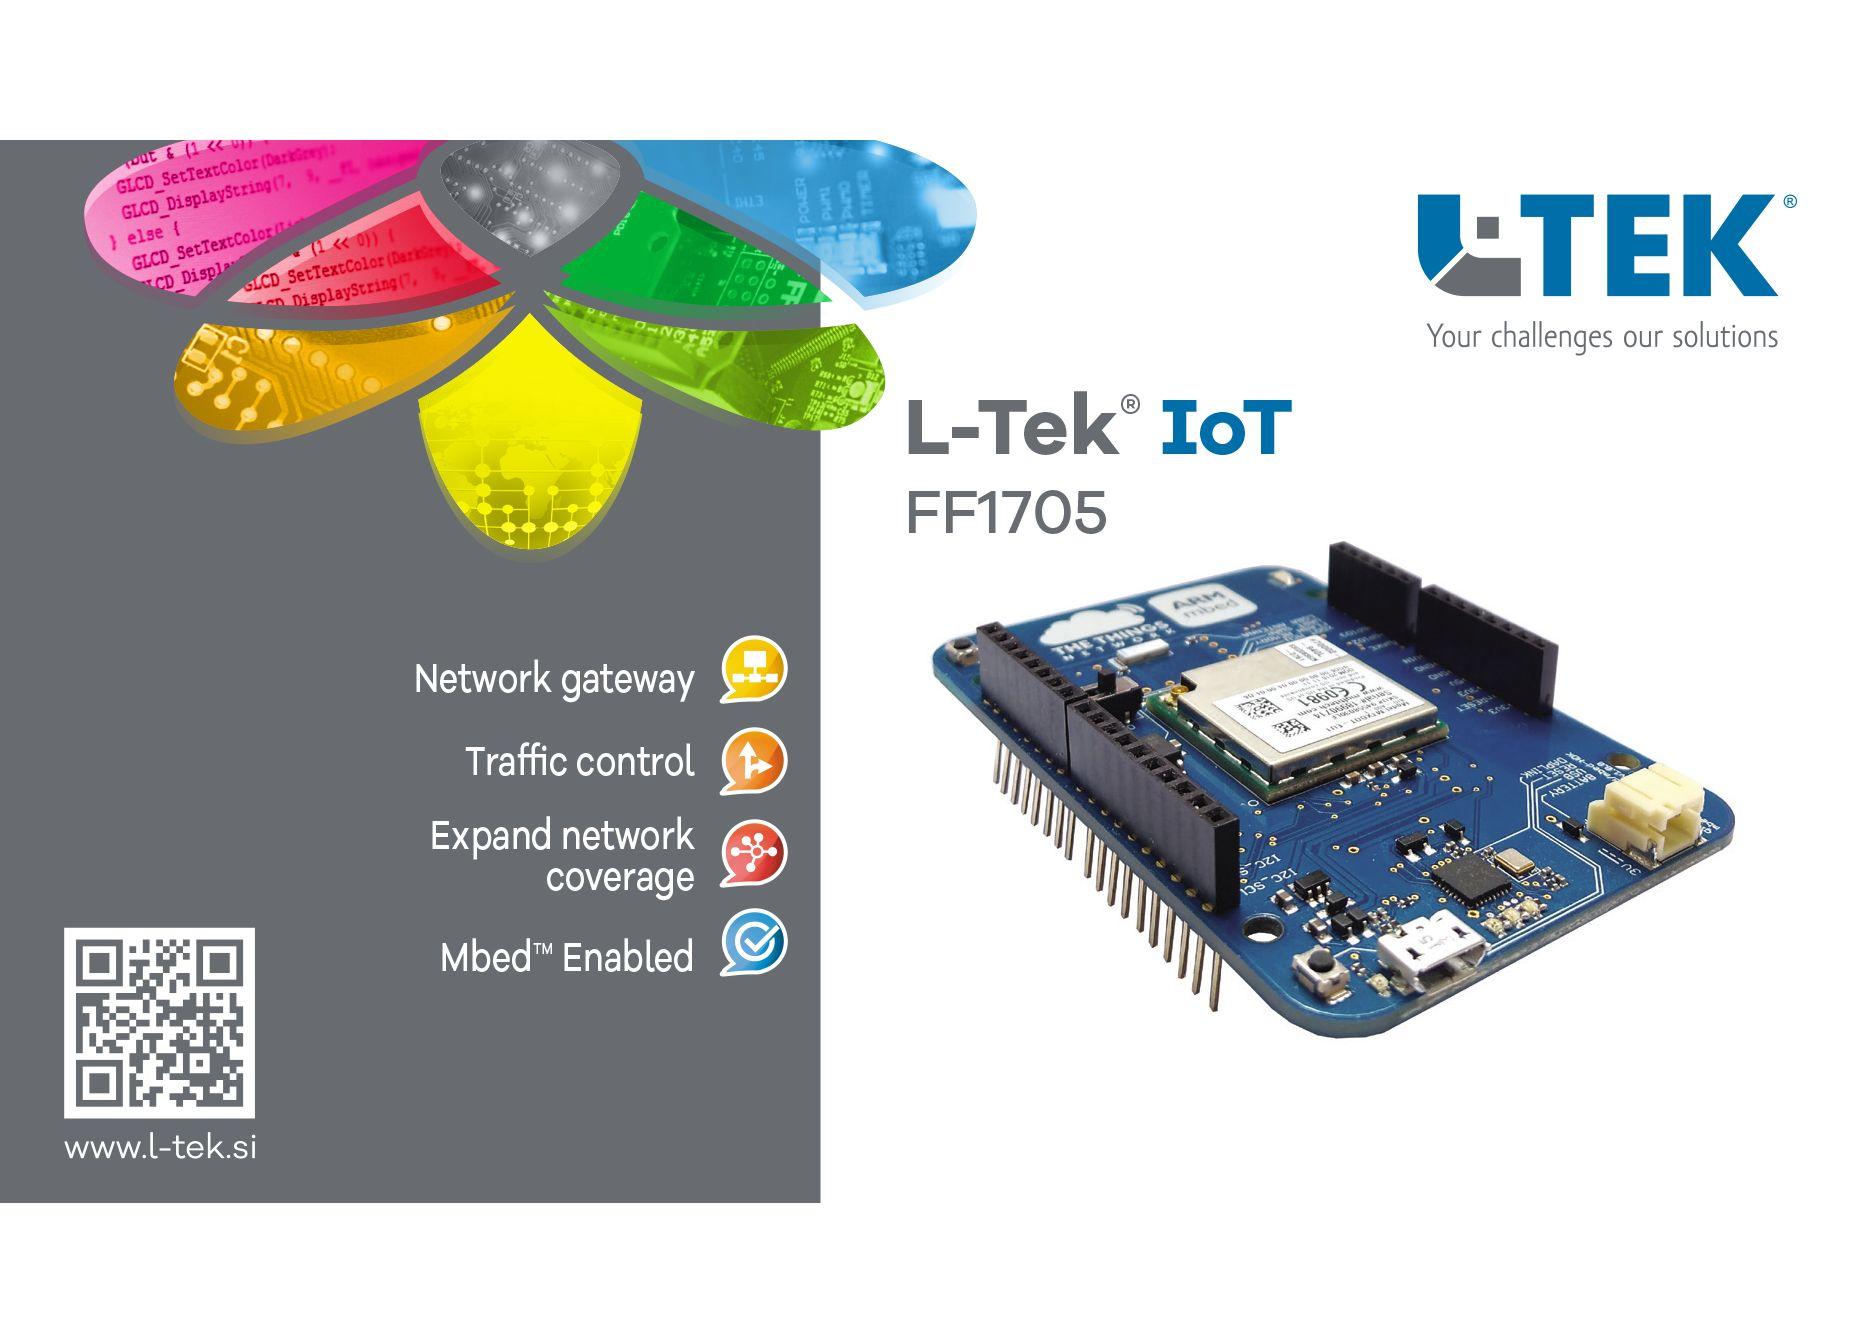 L-Tek FF1705